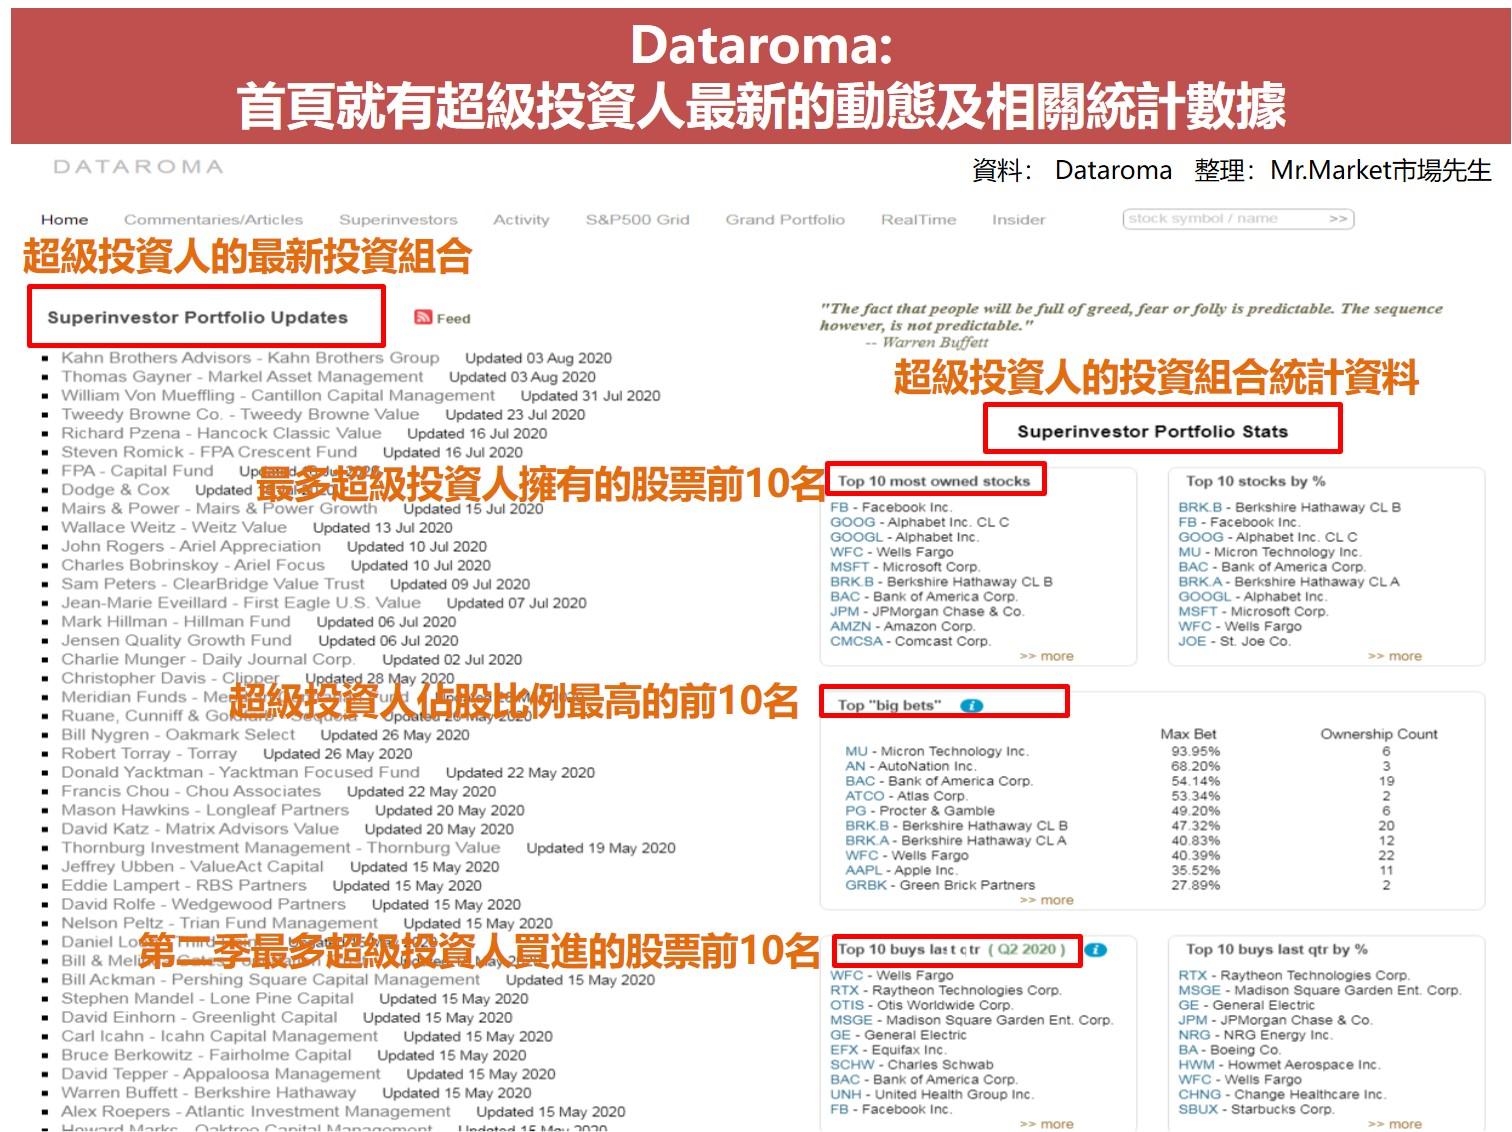 查詢美股籌碼面 Dataroma網站操作圖解